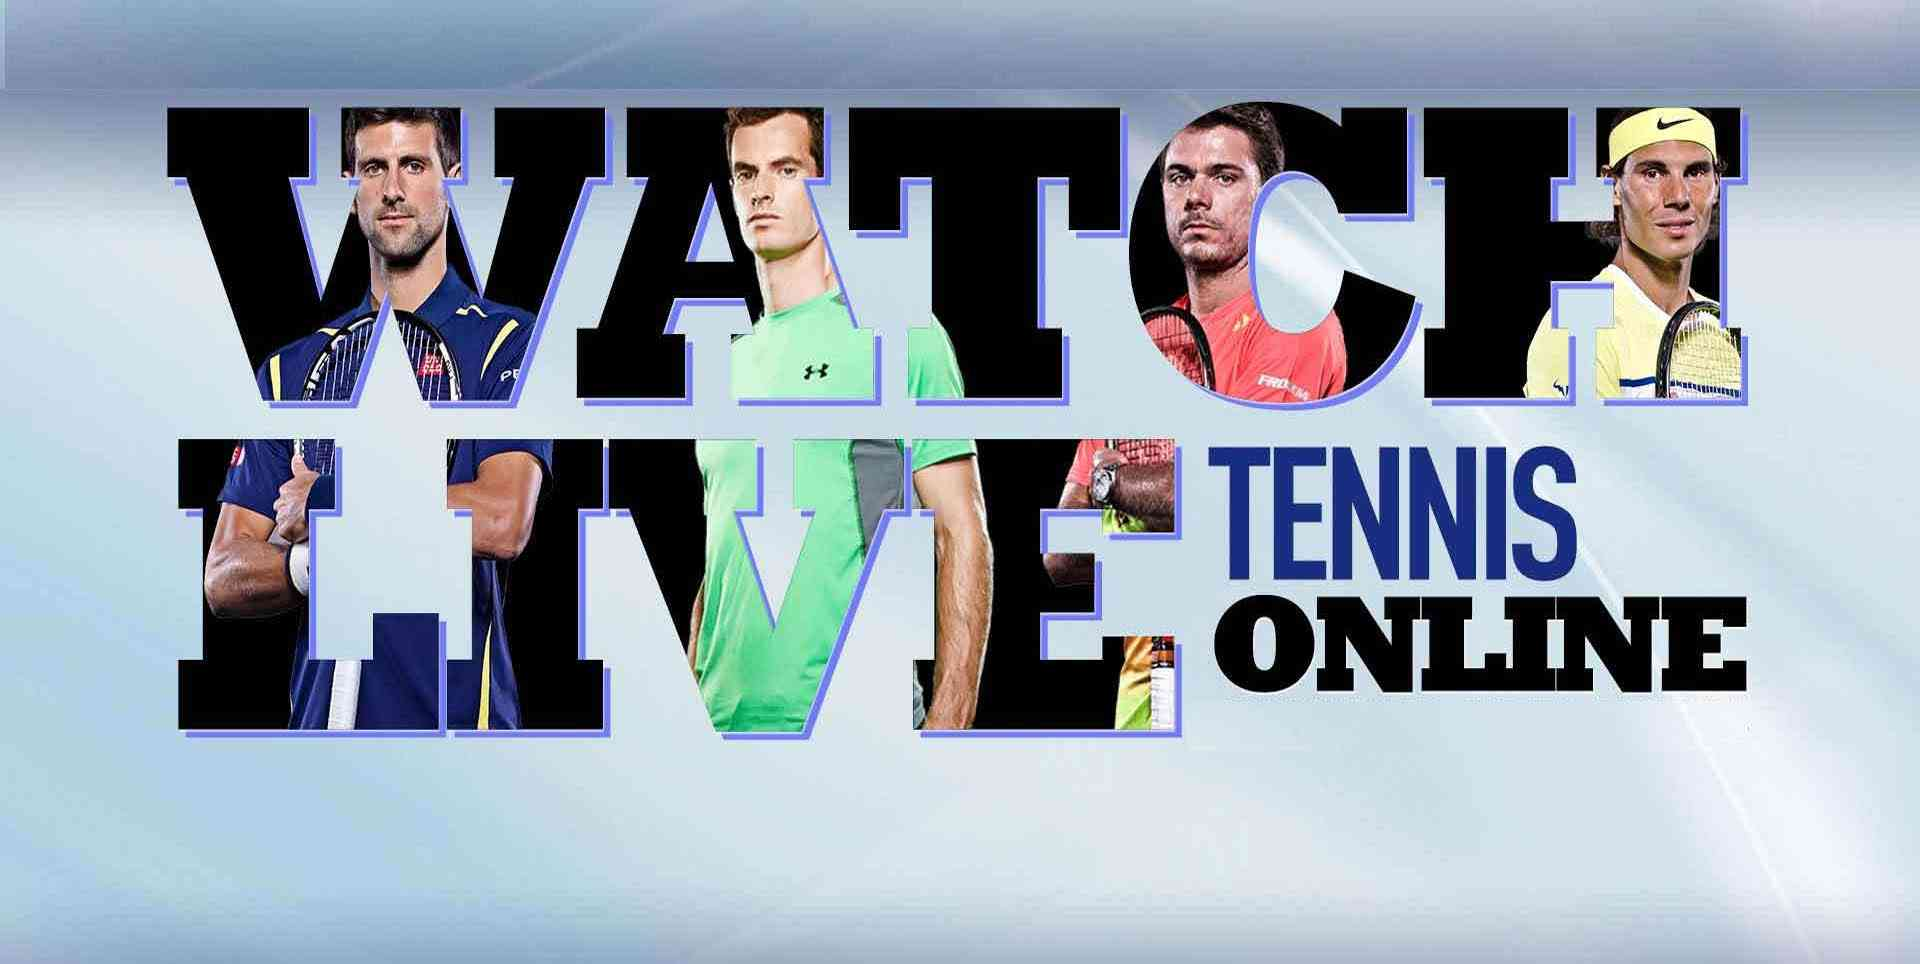 Watch R. Federer vs N. Djokovic 2014 Final Online